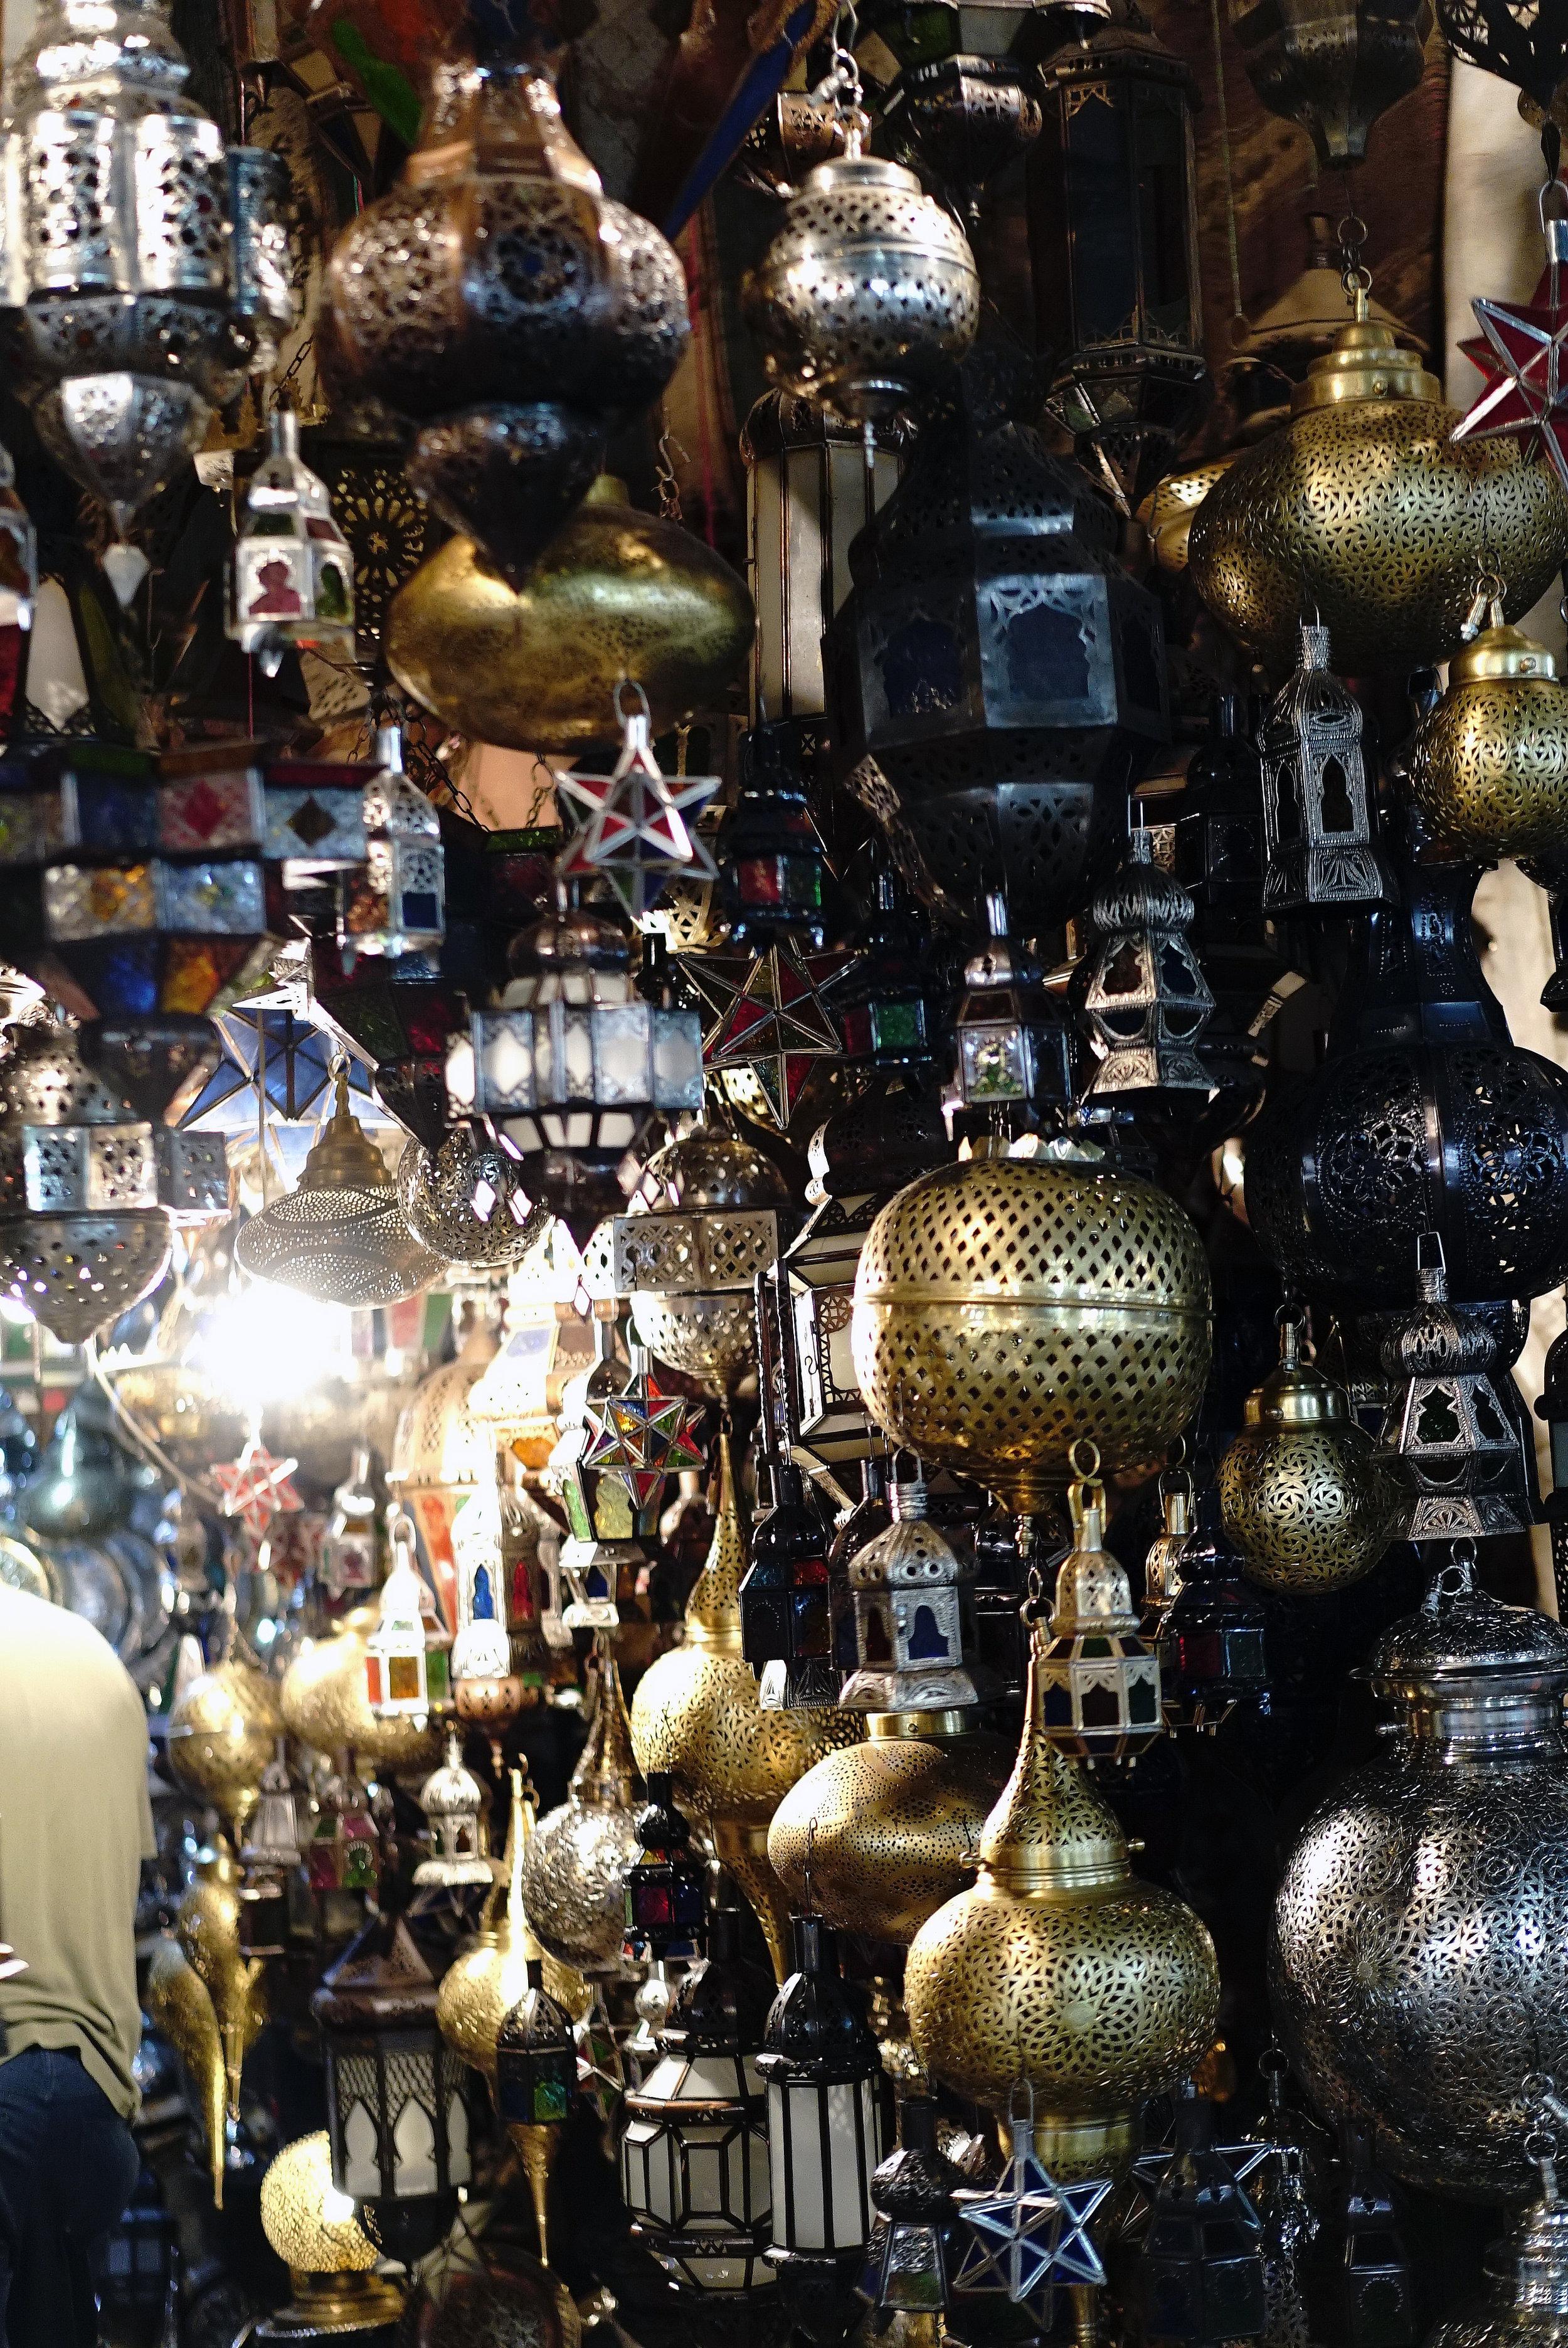 Marrakech Medina at Night.jpg